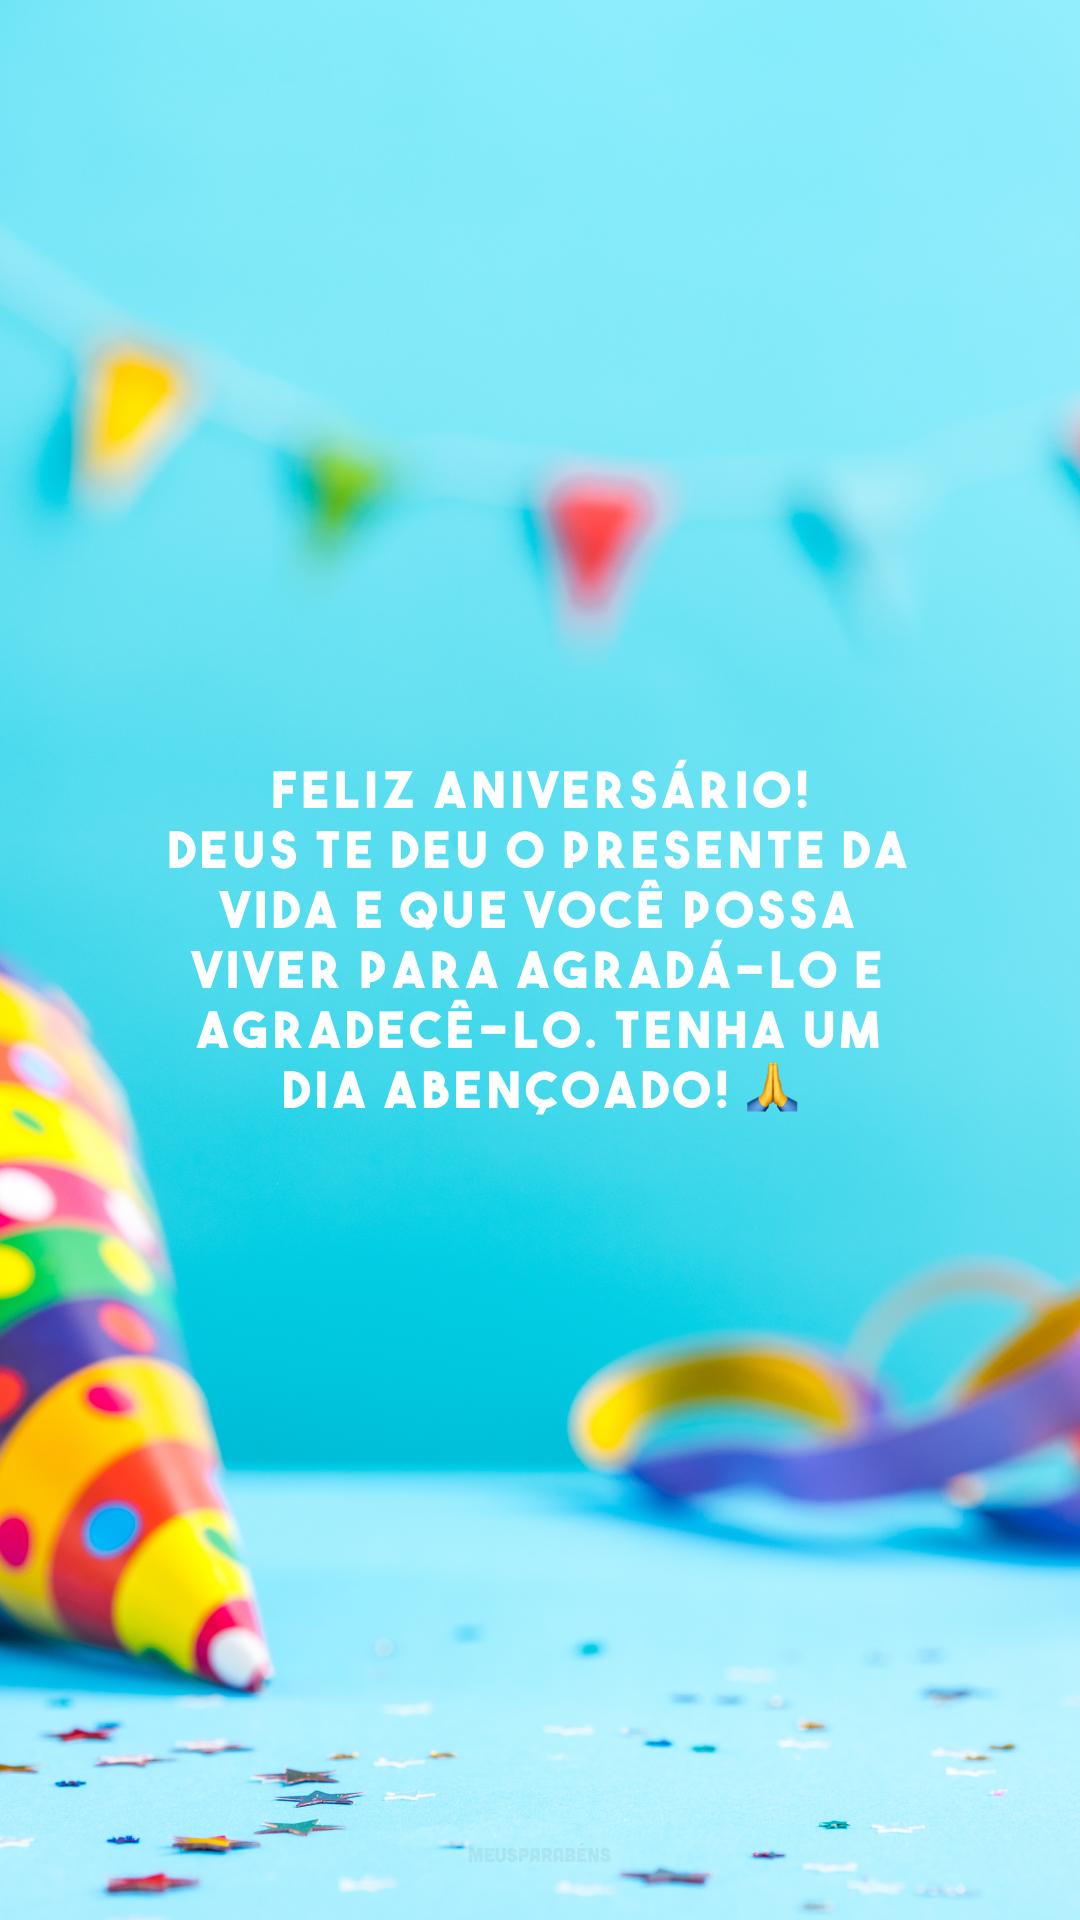 Feliz aniversário! Deus te deu o presente da vida e que você possa viver para agradá-lo e agradecê-lo. Tenha um dia abençoado! 🙏